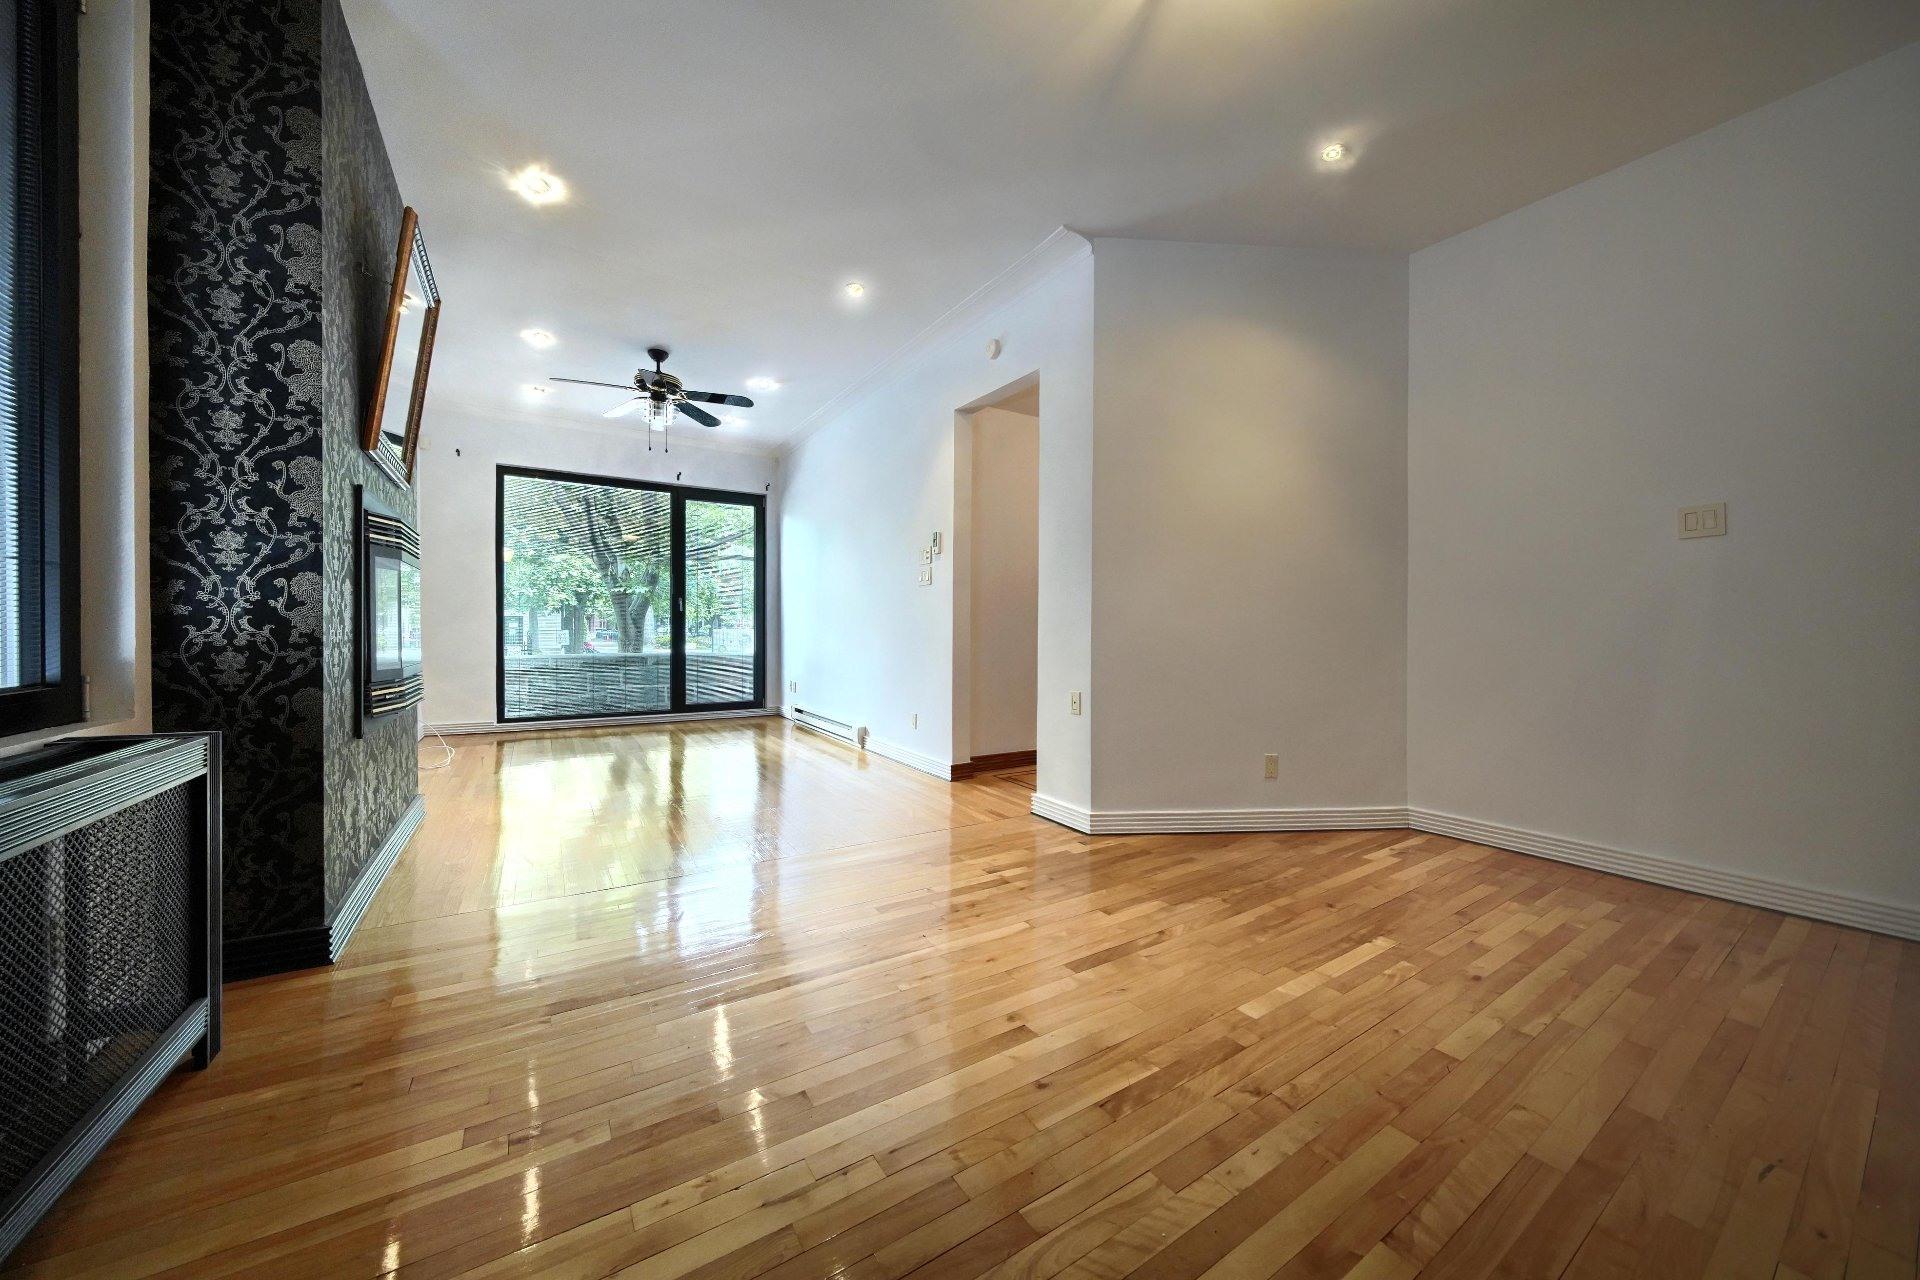 image 29 - Apartment For rent Ville-Marie Montréal  - 10 rooms